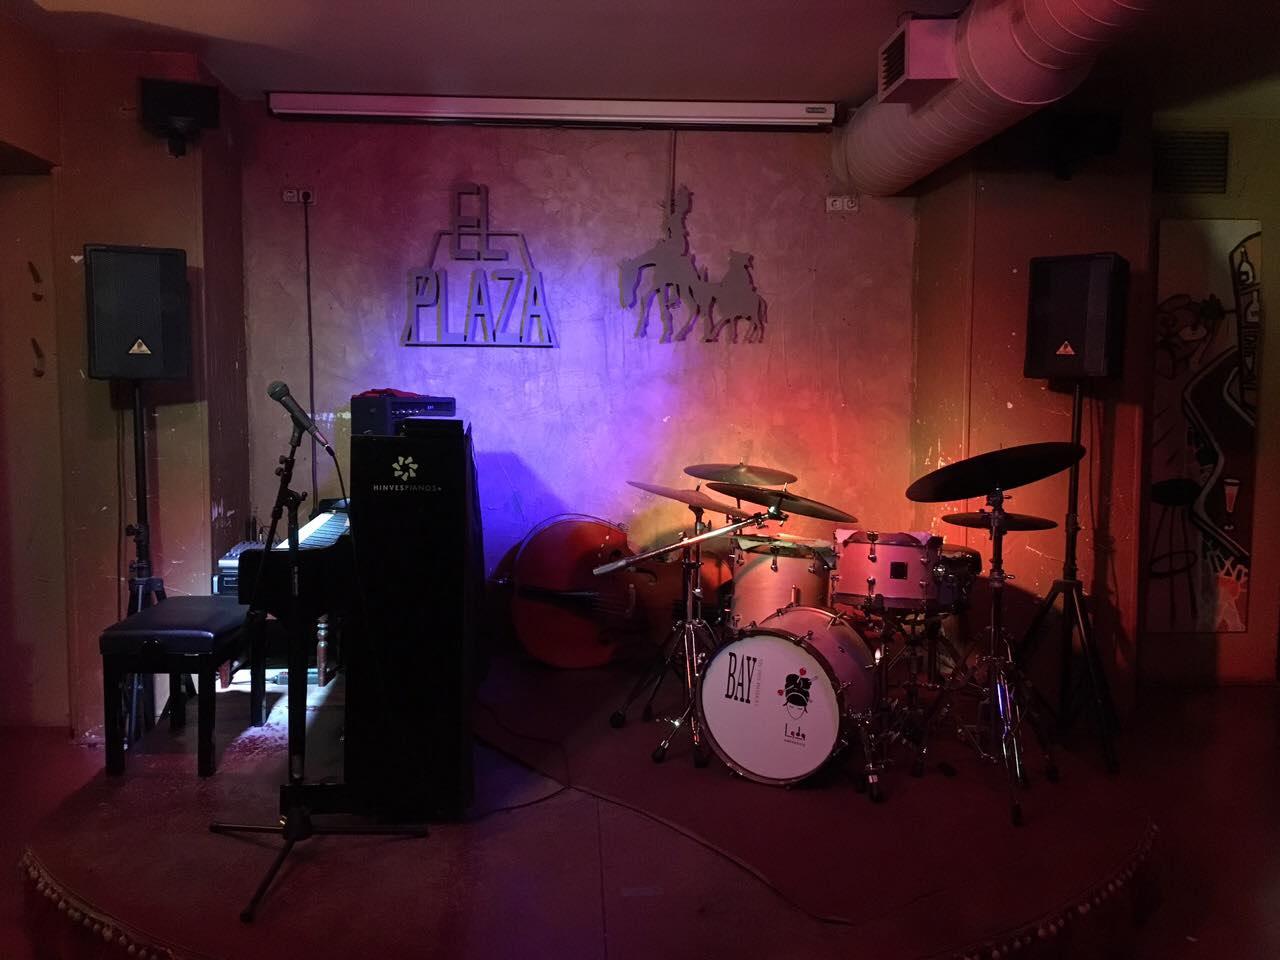 El Plaza concert